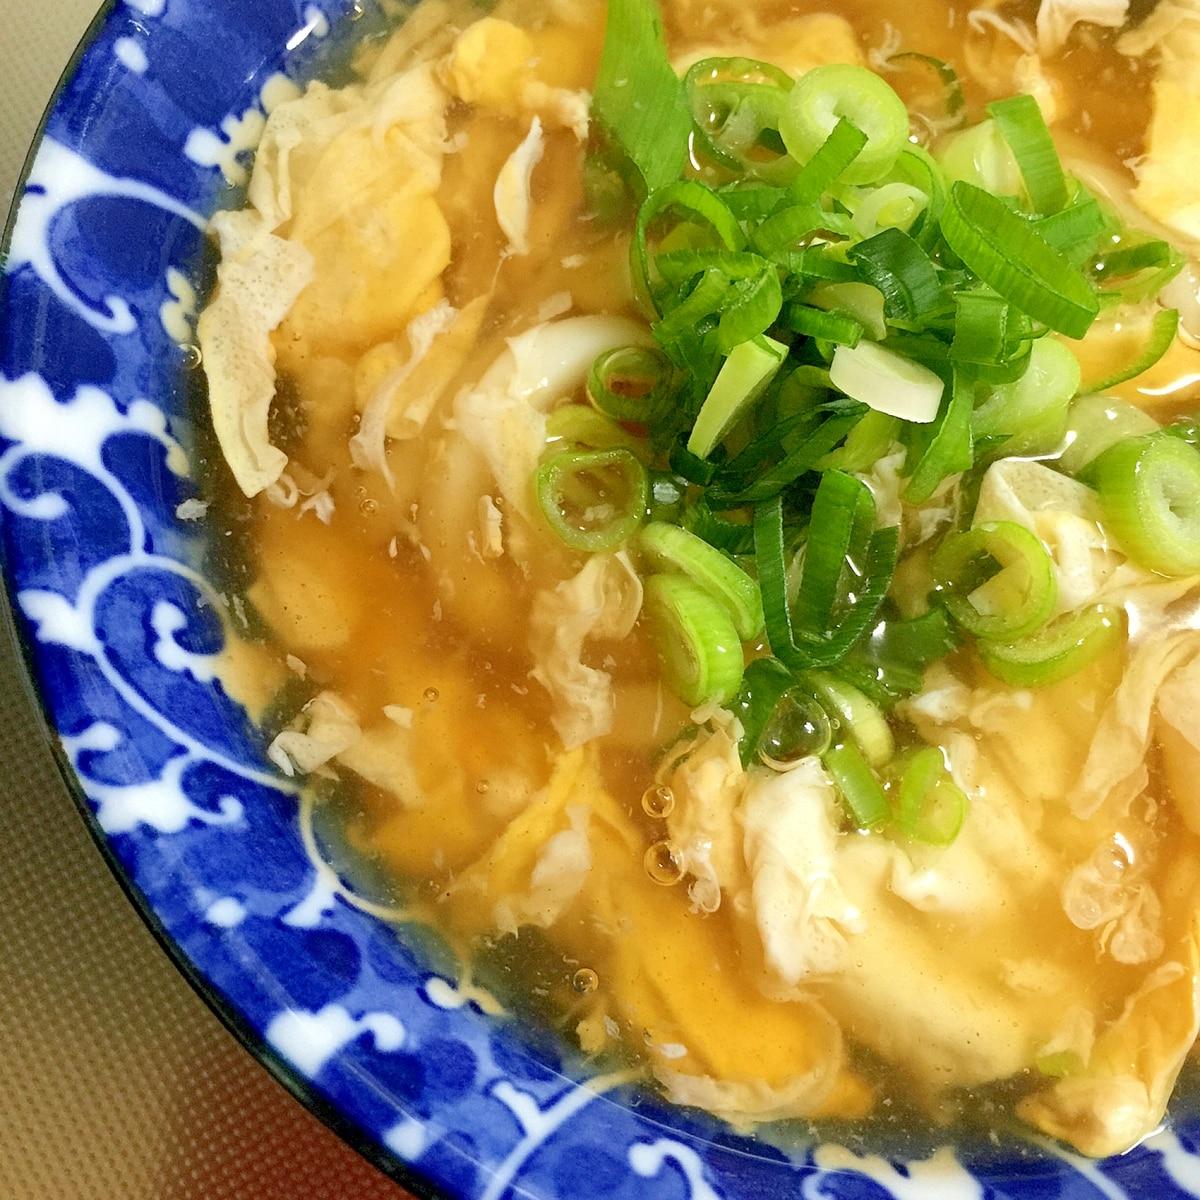 あんかけ うどん 玉子 あんかけうどんレシピ・作り方の人気順 簡単料理の楽天レシピ